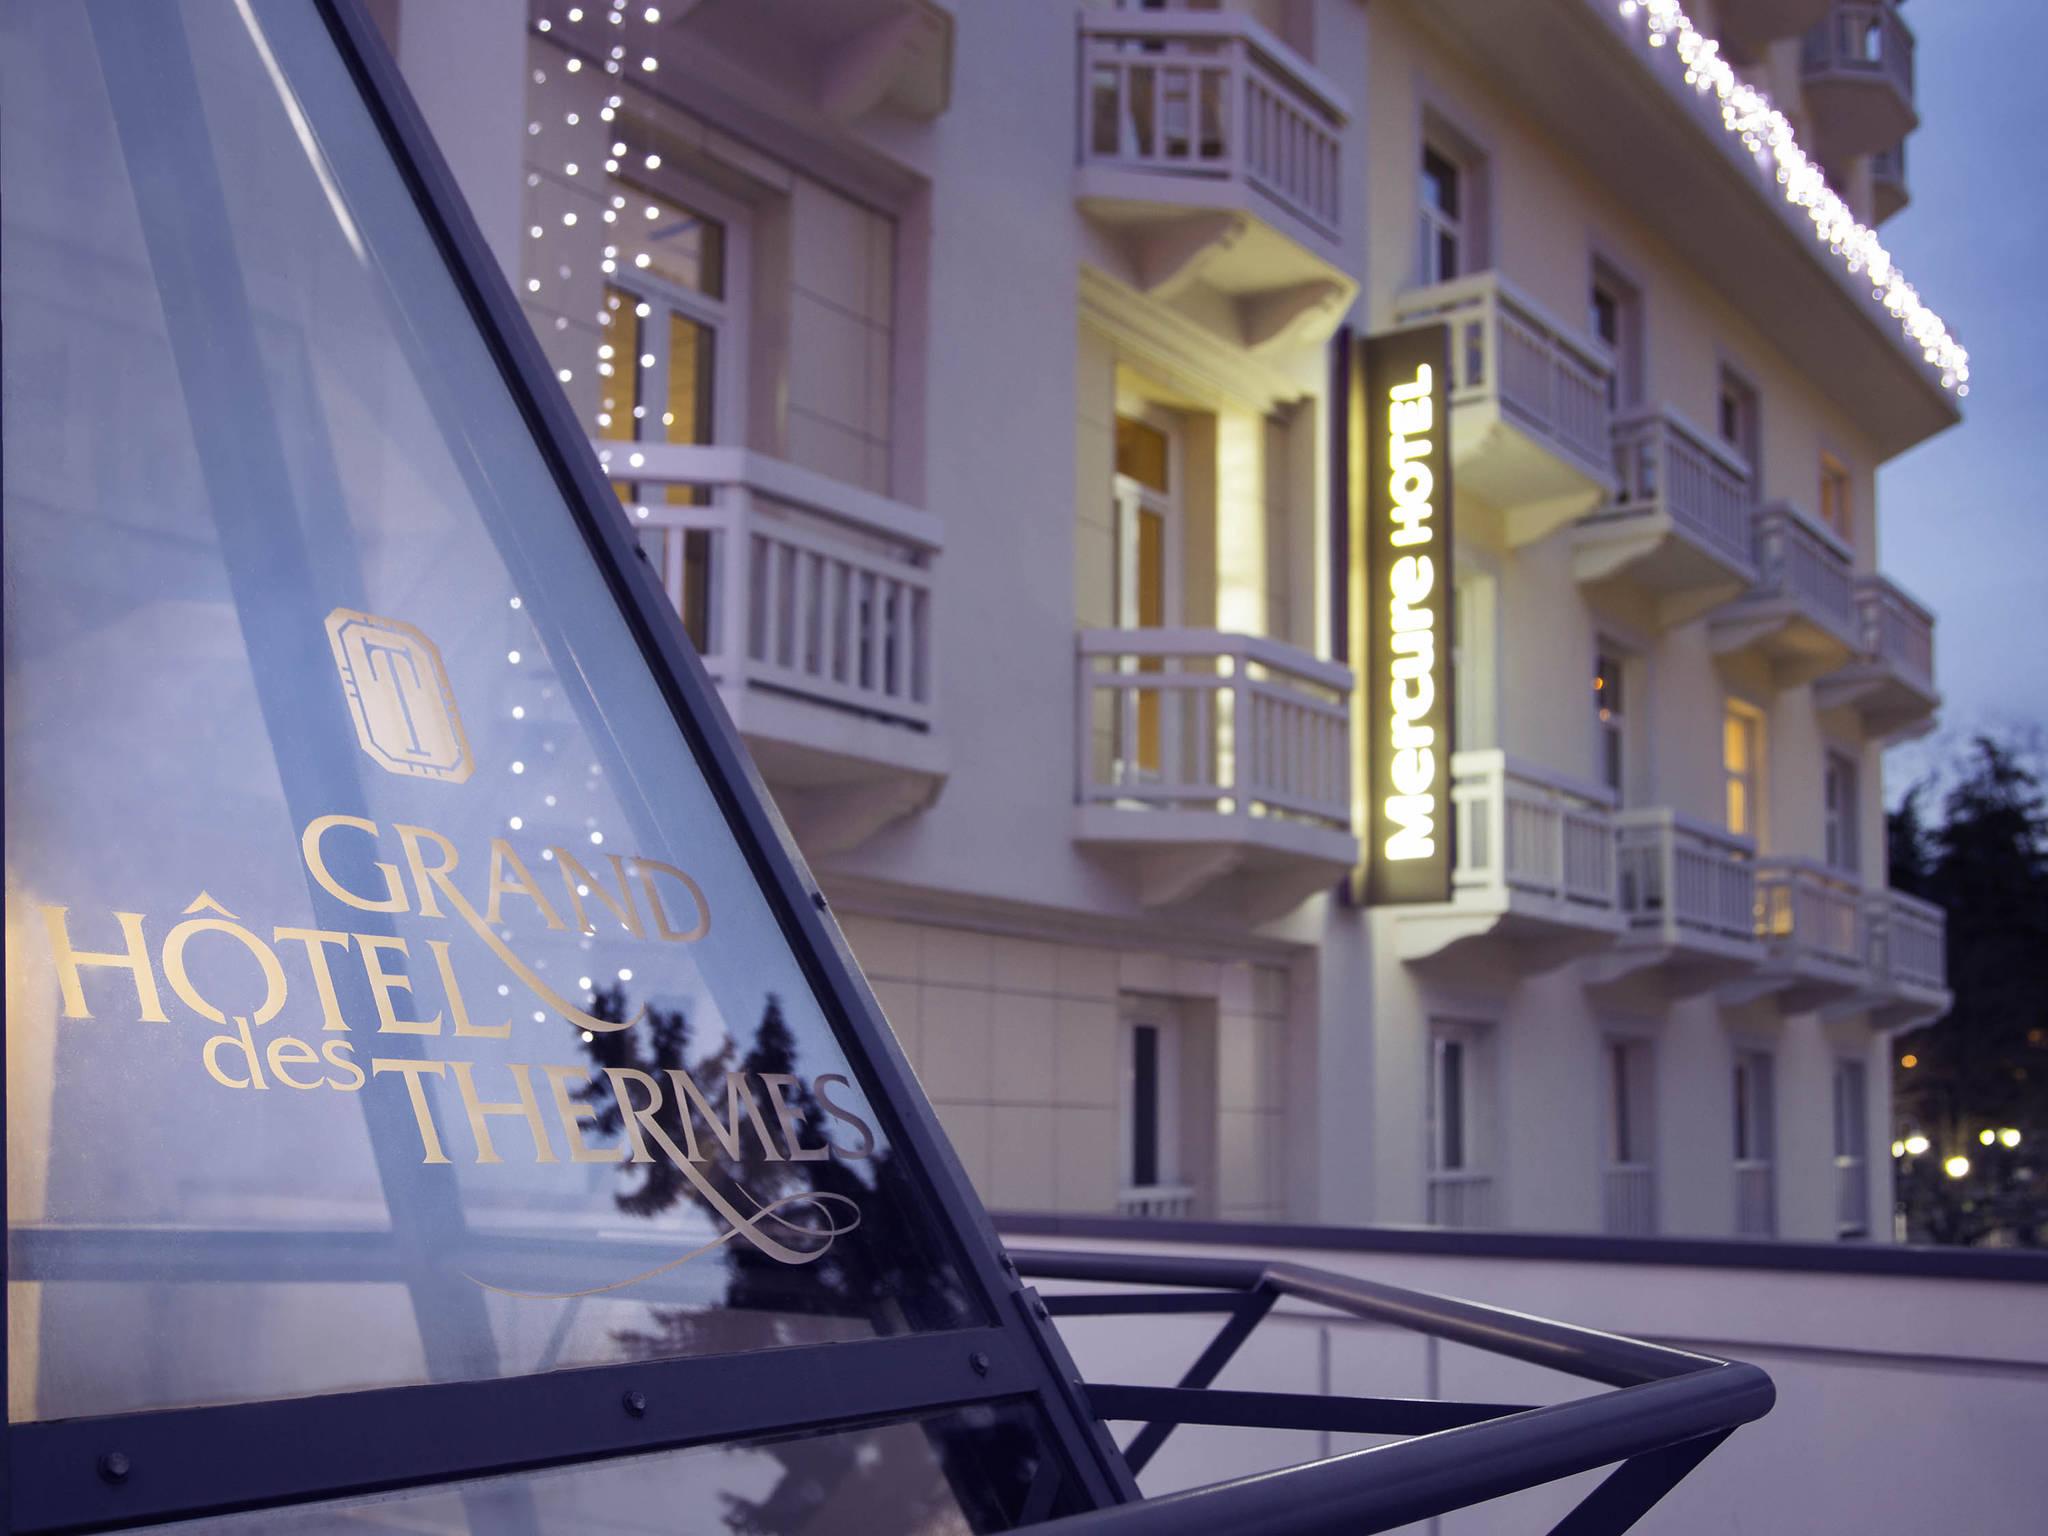 Hotel – Mercure Brides-les-Bains Grand Hôtel des Thermes hotel